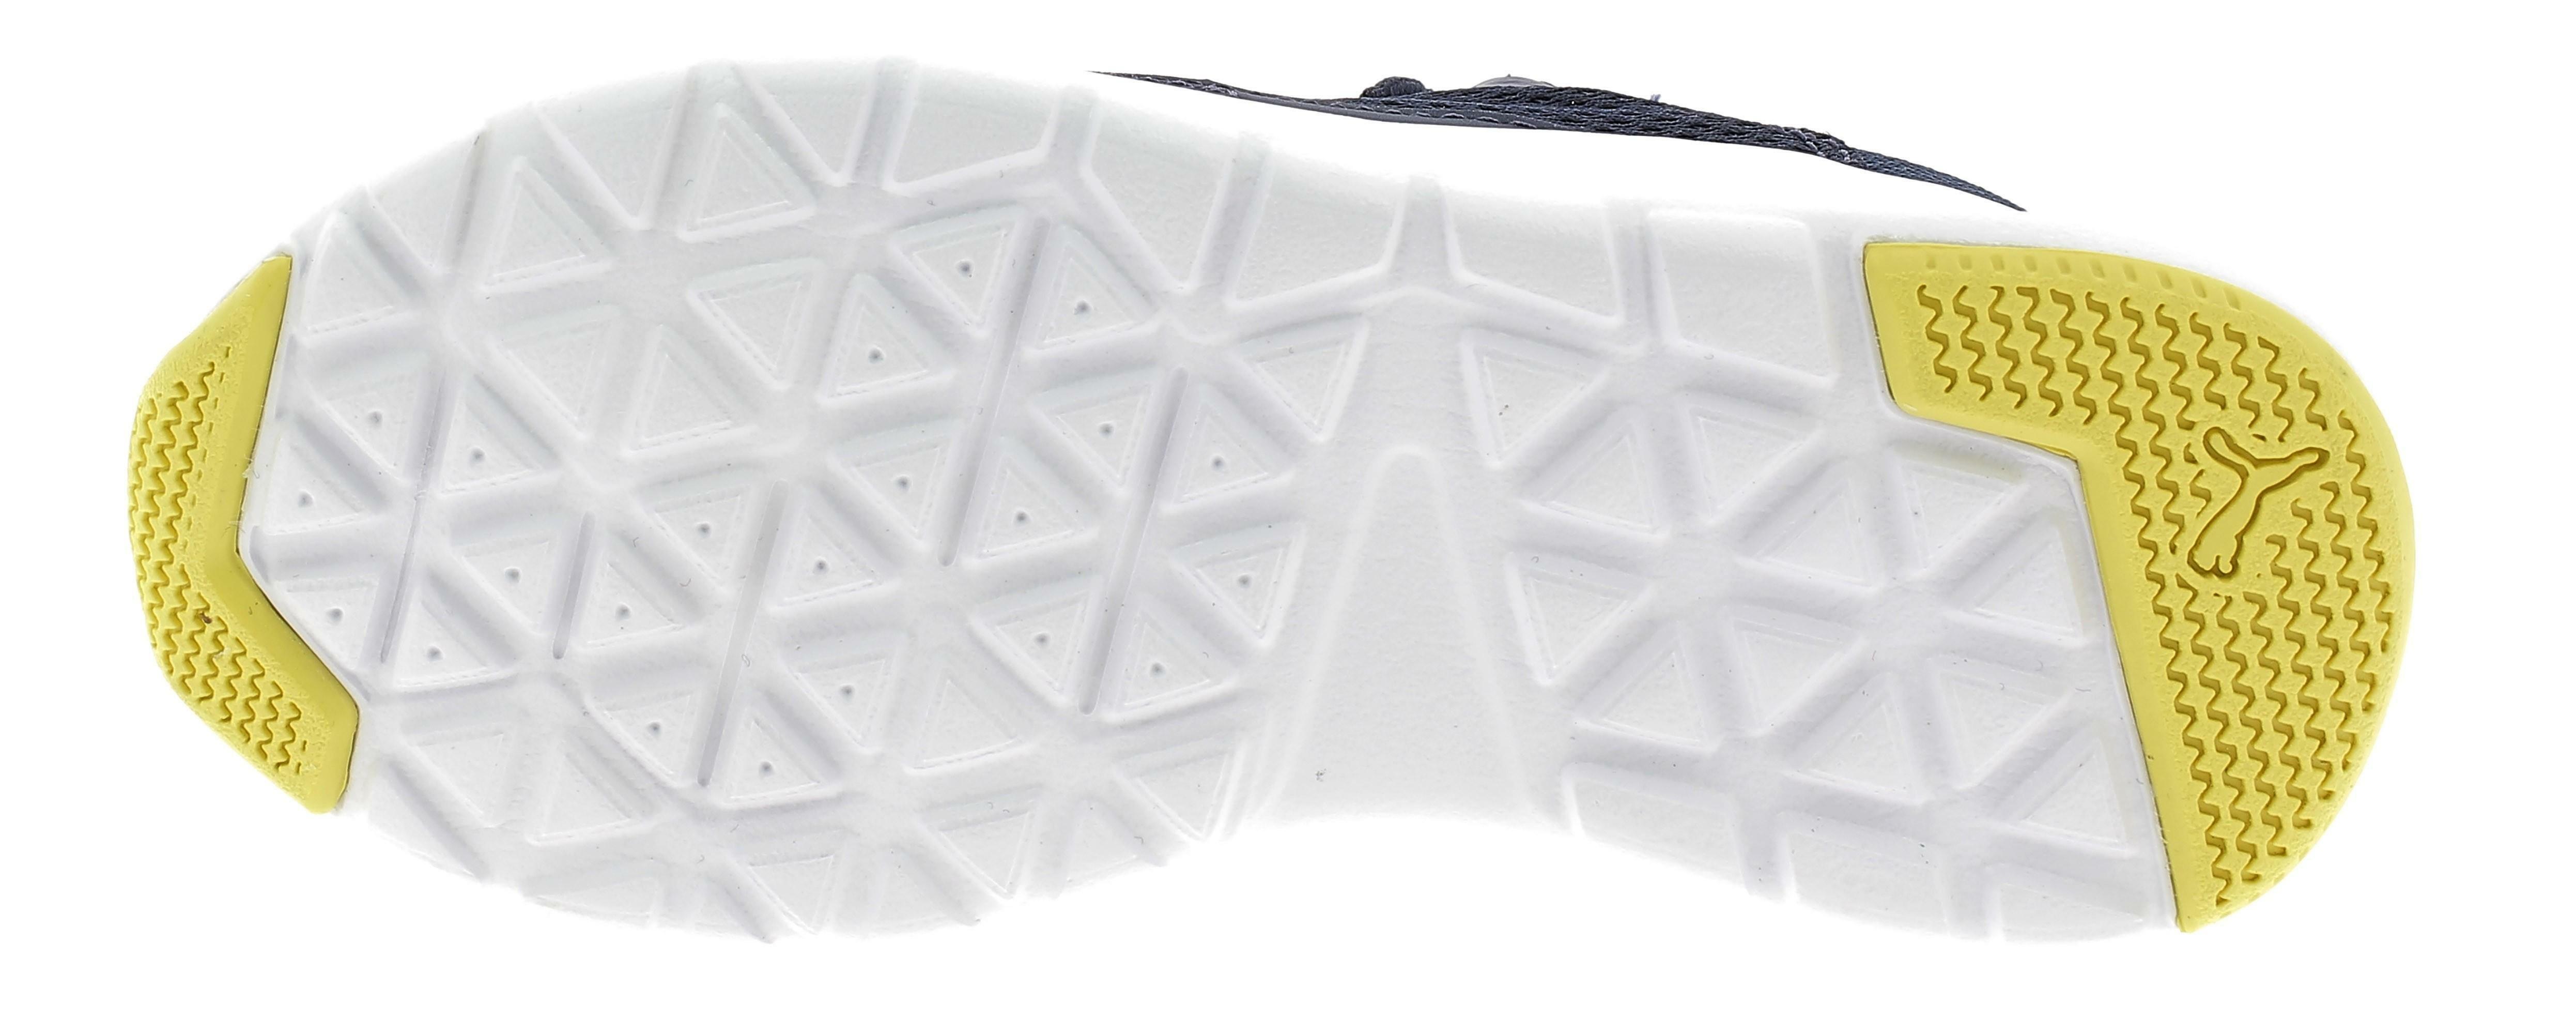 Dettagli su Puma ST Activate Blu Scarpe Shoes Bambino Sportive Palestra 369070 03 2019